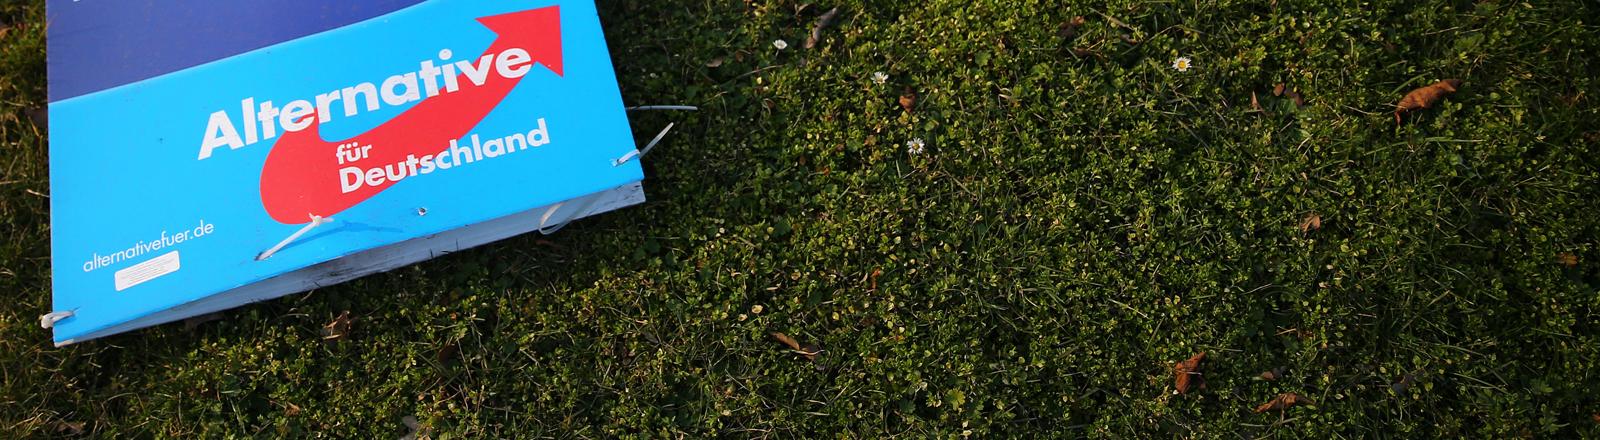 Ein abgerissenes Wahlplakat der AfD liegt am 09.03.2016 auf einer Wiese in Halle/Saale (Sachsen-Anhalt).